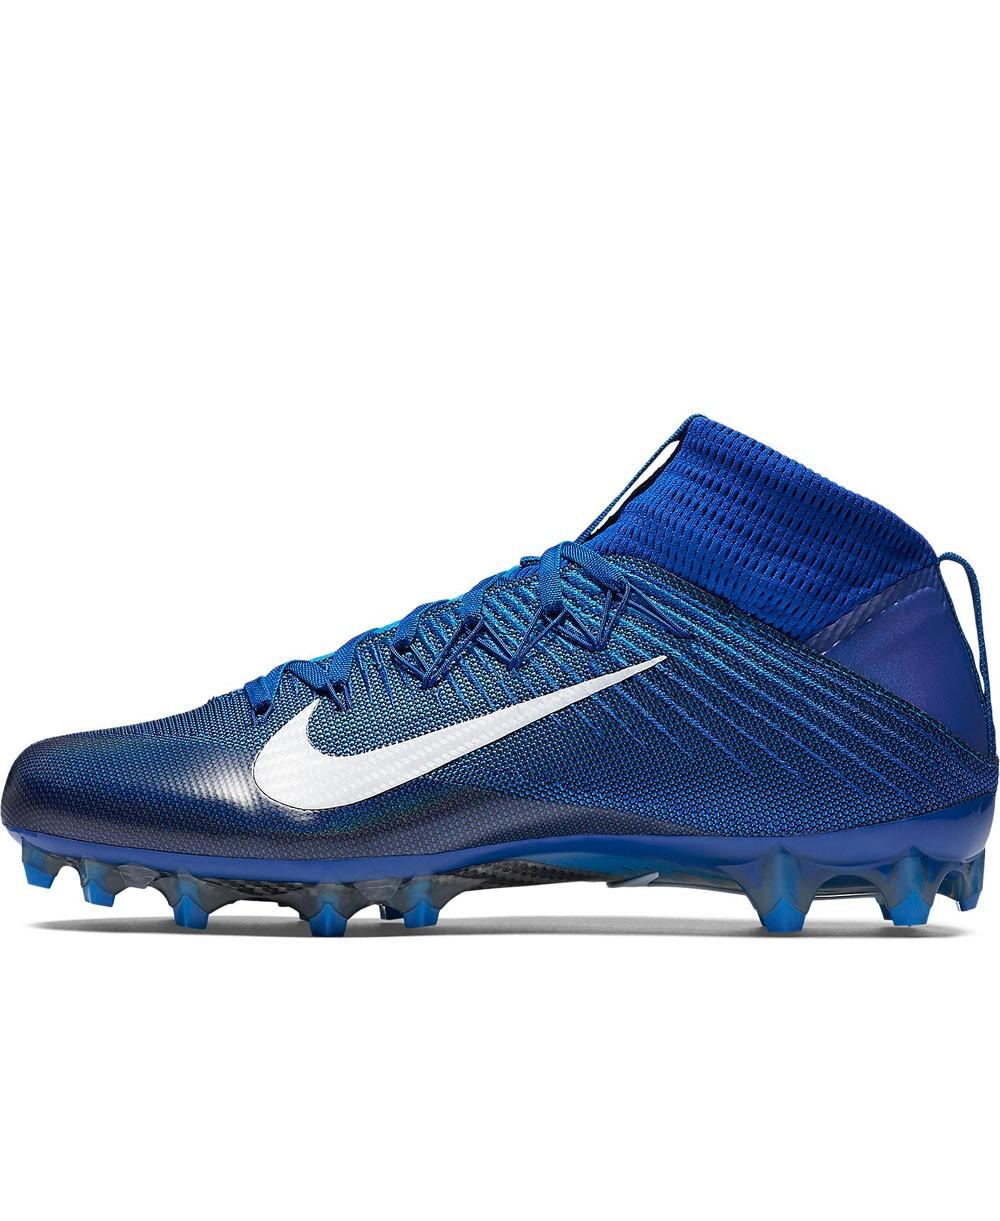 uk availability 0364b f8517 Nike - Crampons de Football Américain pour homme, modele Vapor Untouchable 2,  couleur Racer Blue Blue Lagoon White